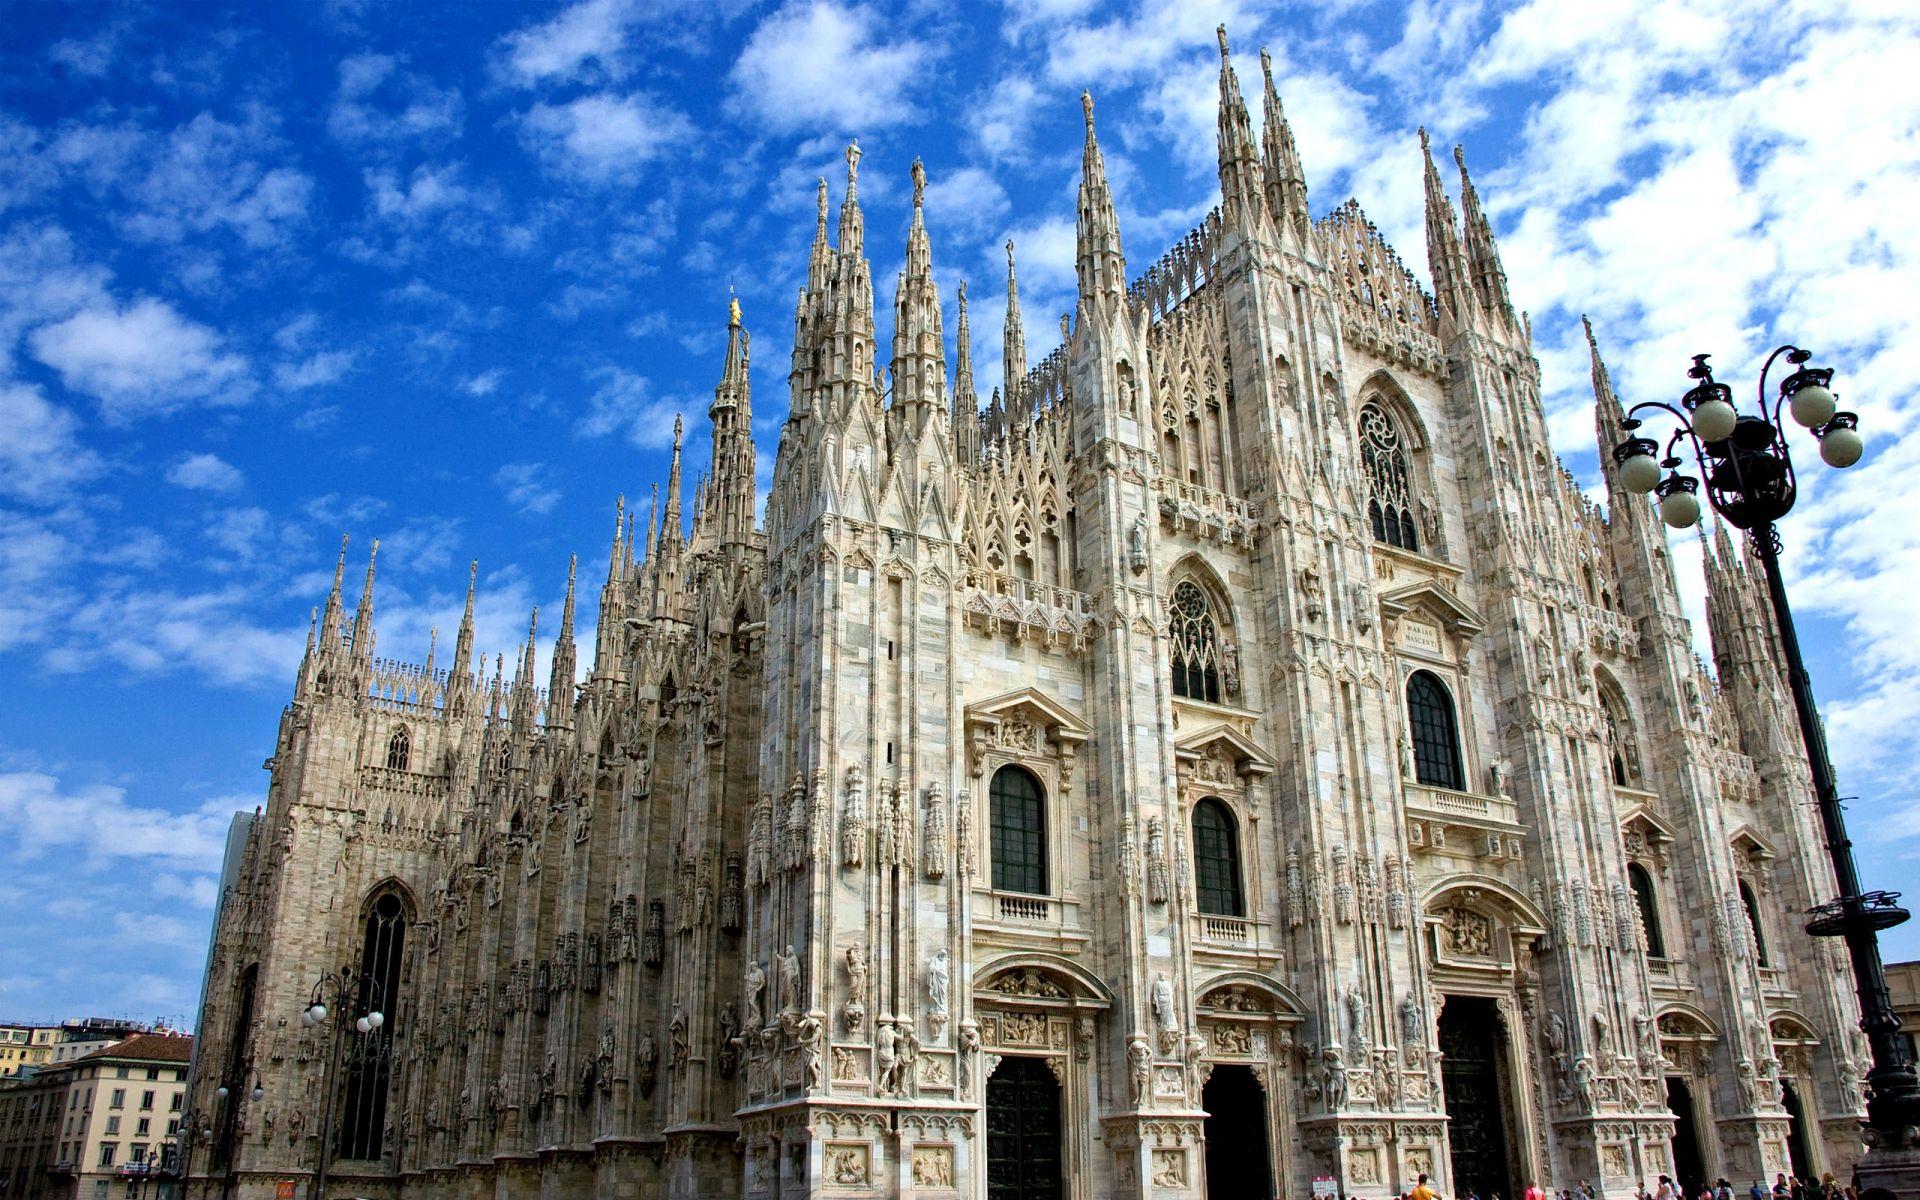 Los mejores sitios de interés turístico del planeta Milan-Duomo